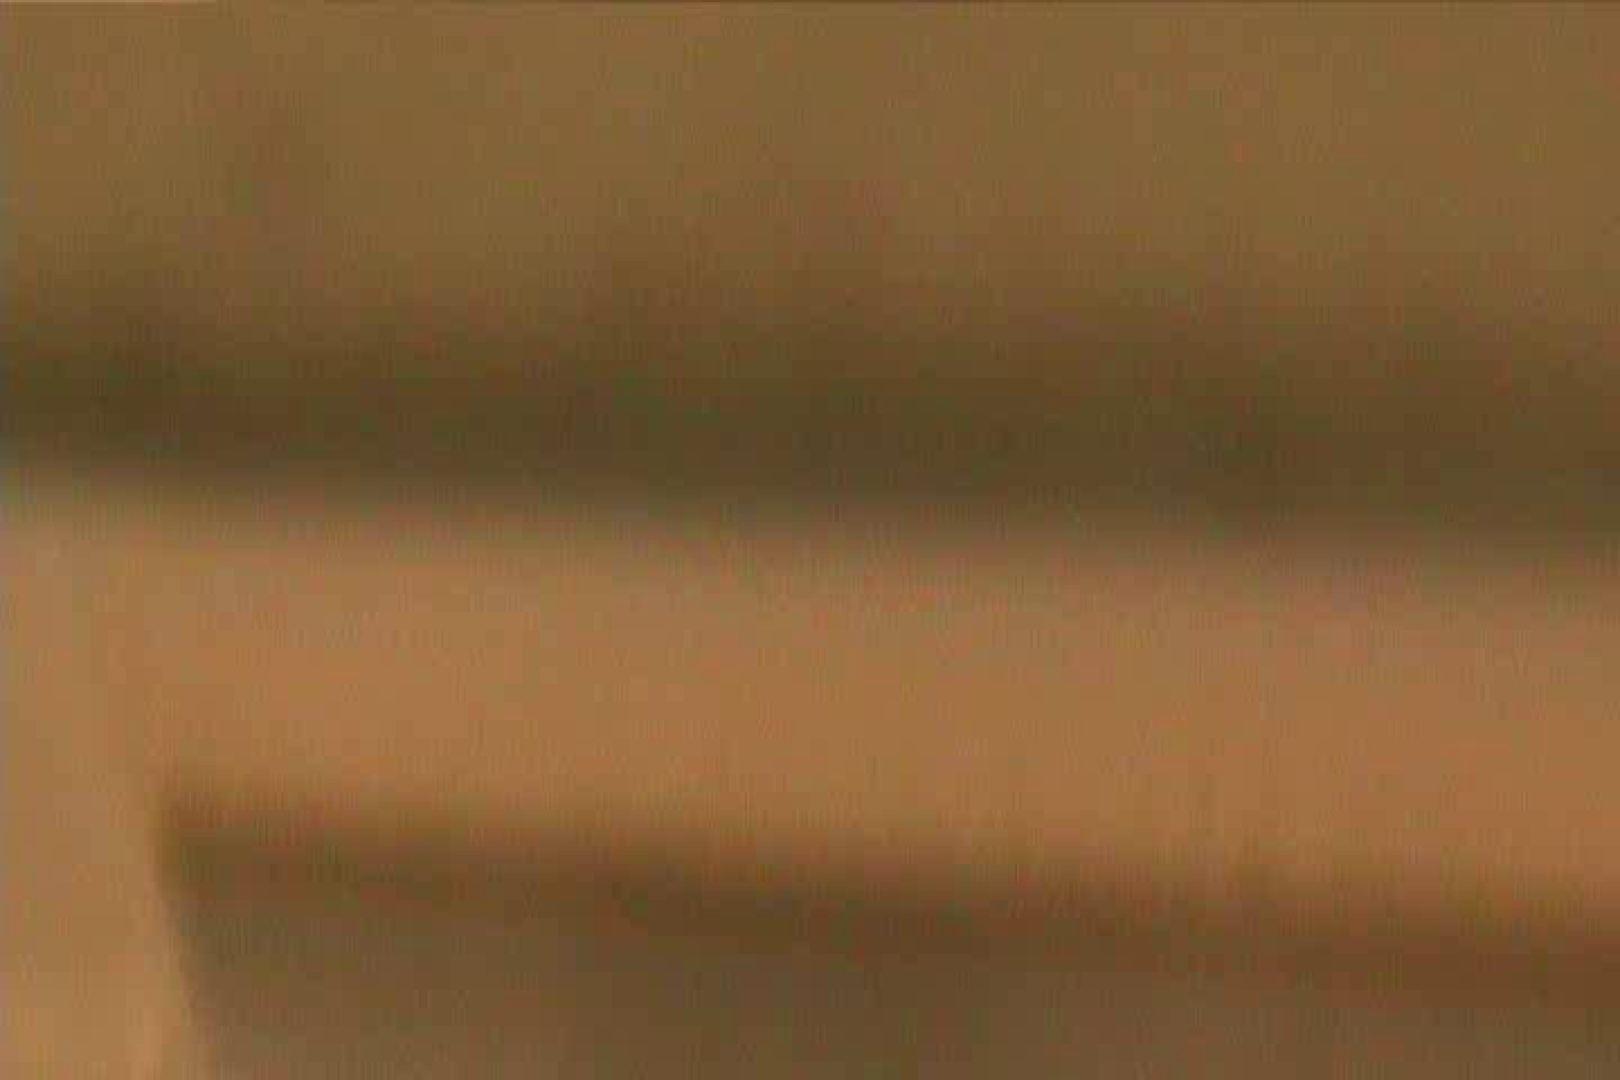 マンコ丸見え女子洗面所Vol.28 下着エロ画像 われめAV動画紹介 111PICs 59